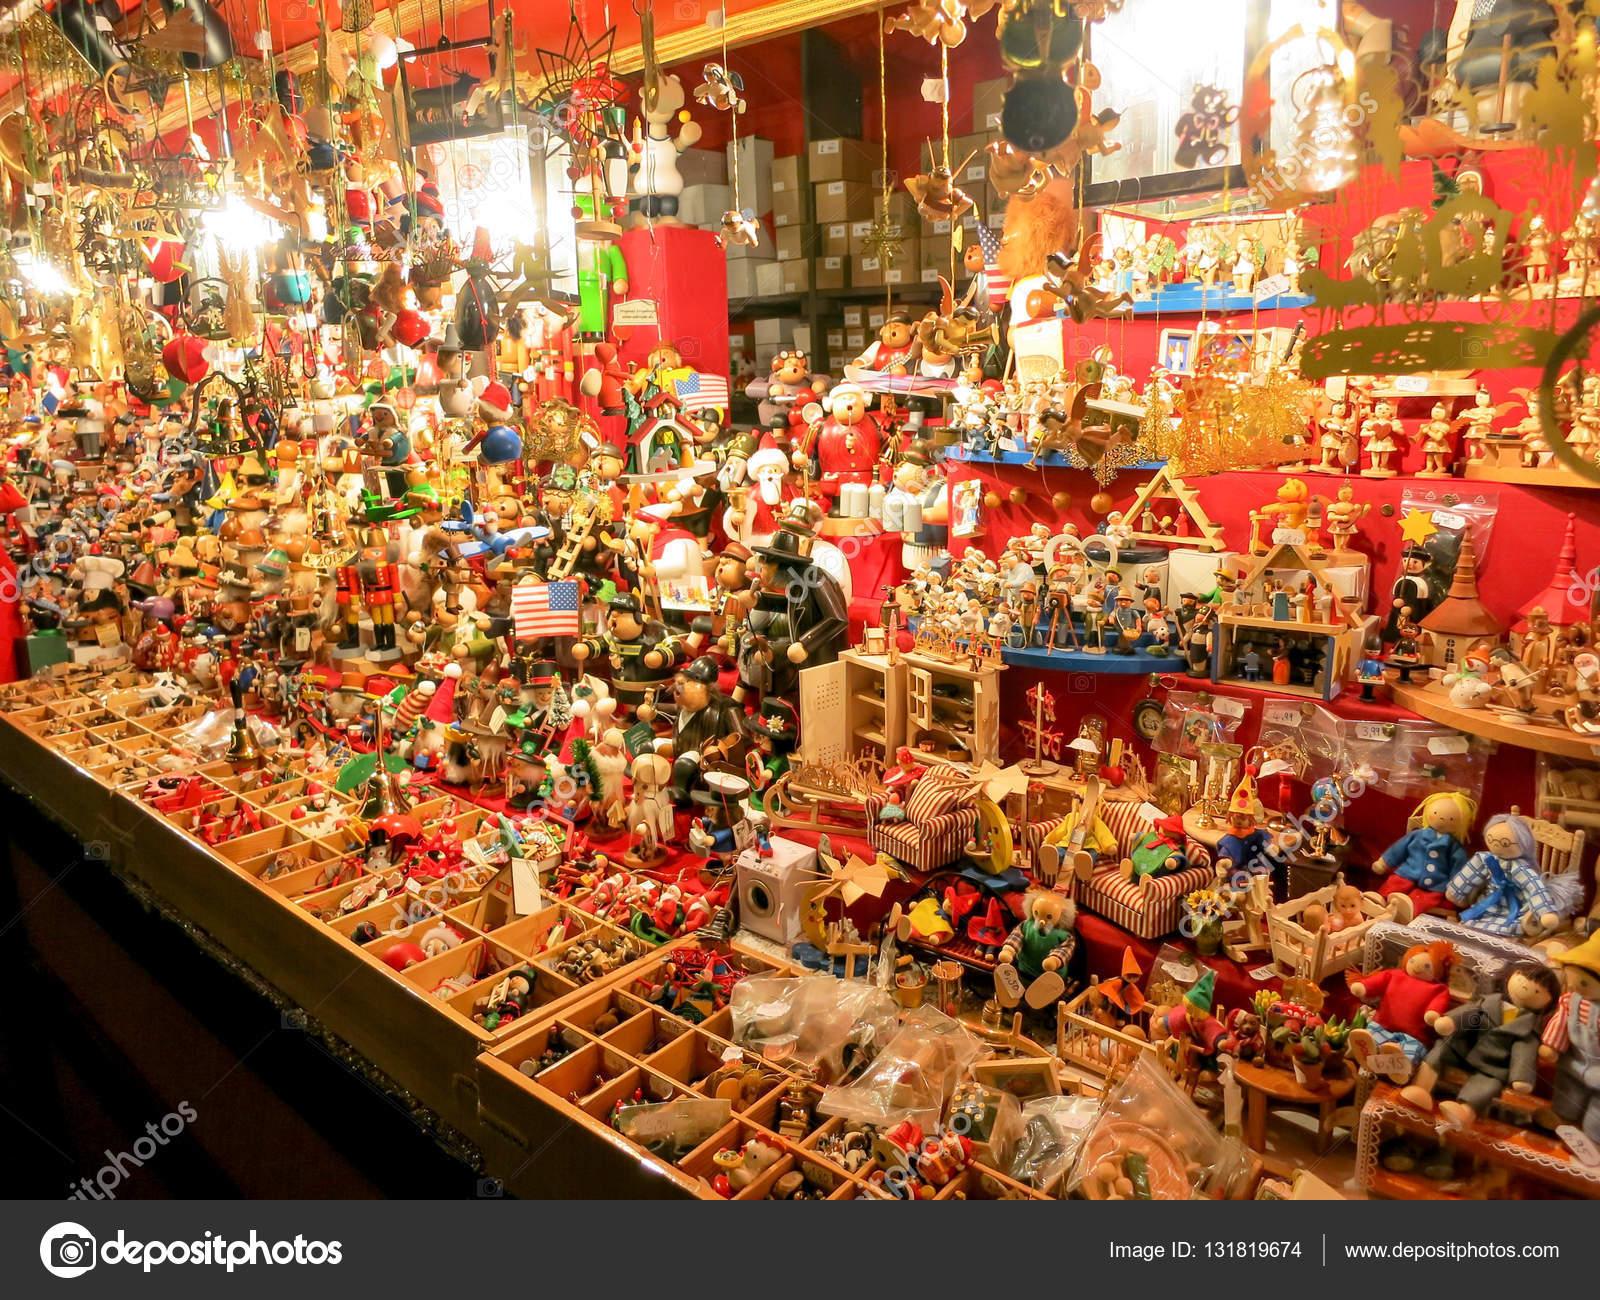 Weihnachtsmarkt Nürnberg.Weihnachts Dekoration Auf Dem Weihnachtsmarkt Oder Den